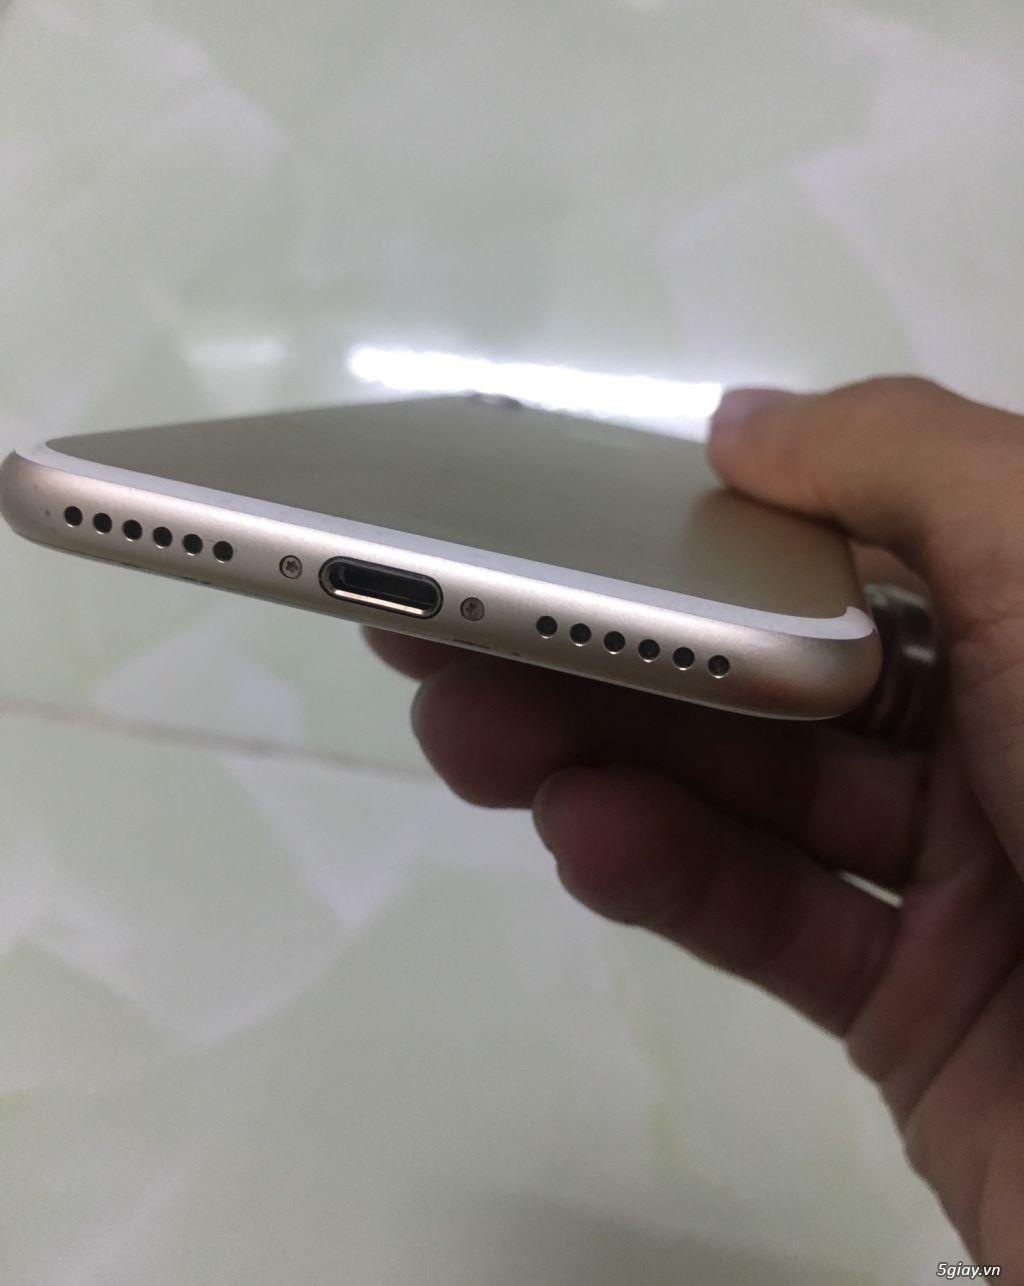 Iphone 7 Gold Quốc tế 32gb,phụ kiện rin theo máy từ lúc đập hộp